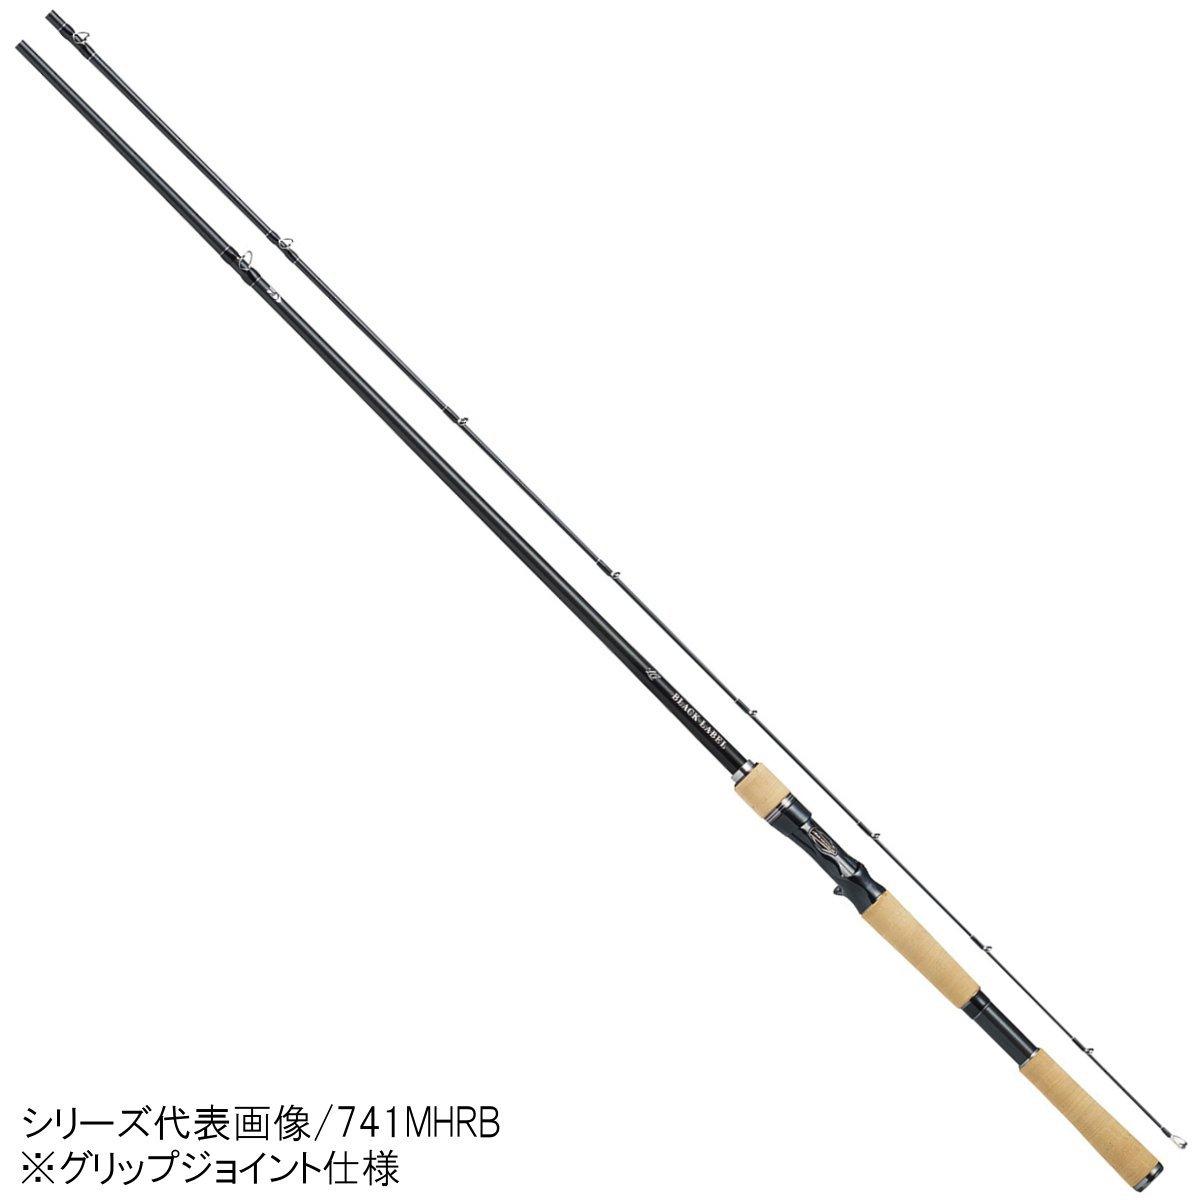 ダイワ ブラックレーベル LG(ベイトキャスティングモデル) 631MLFB【大型商品】